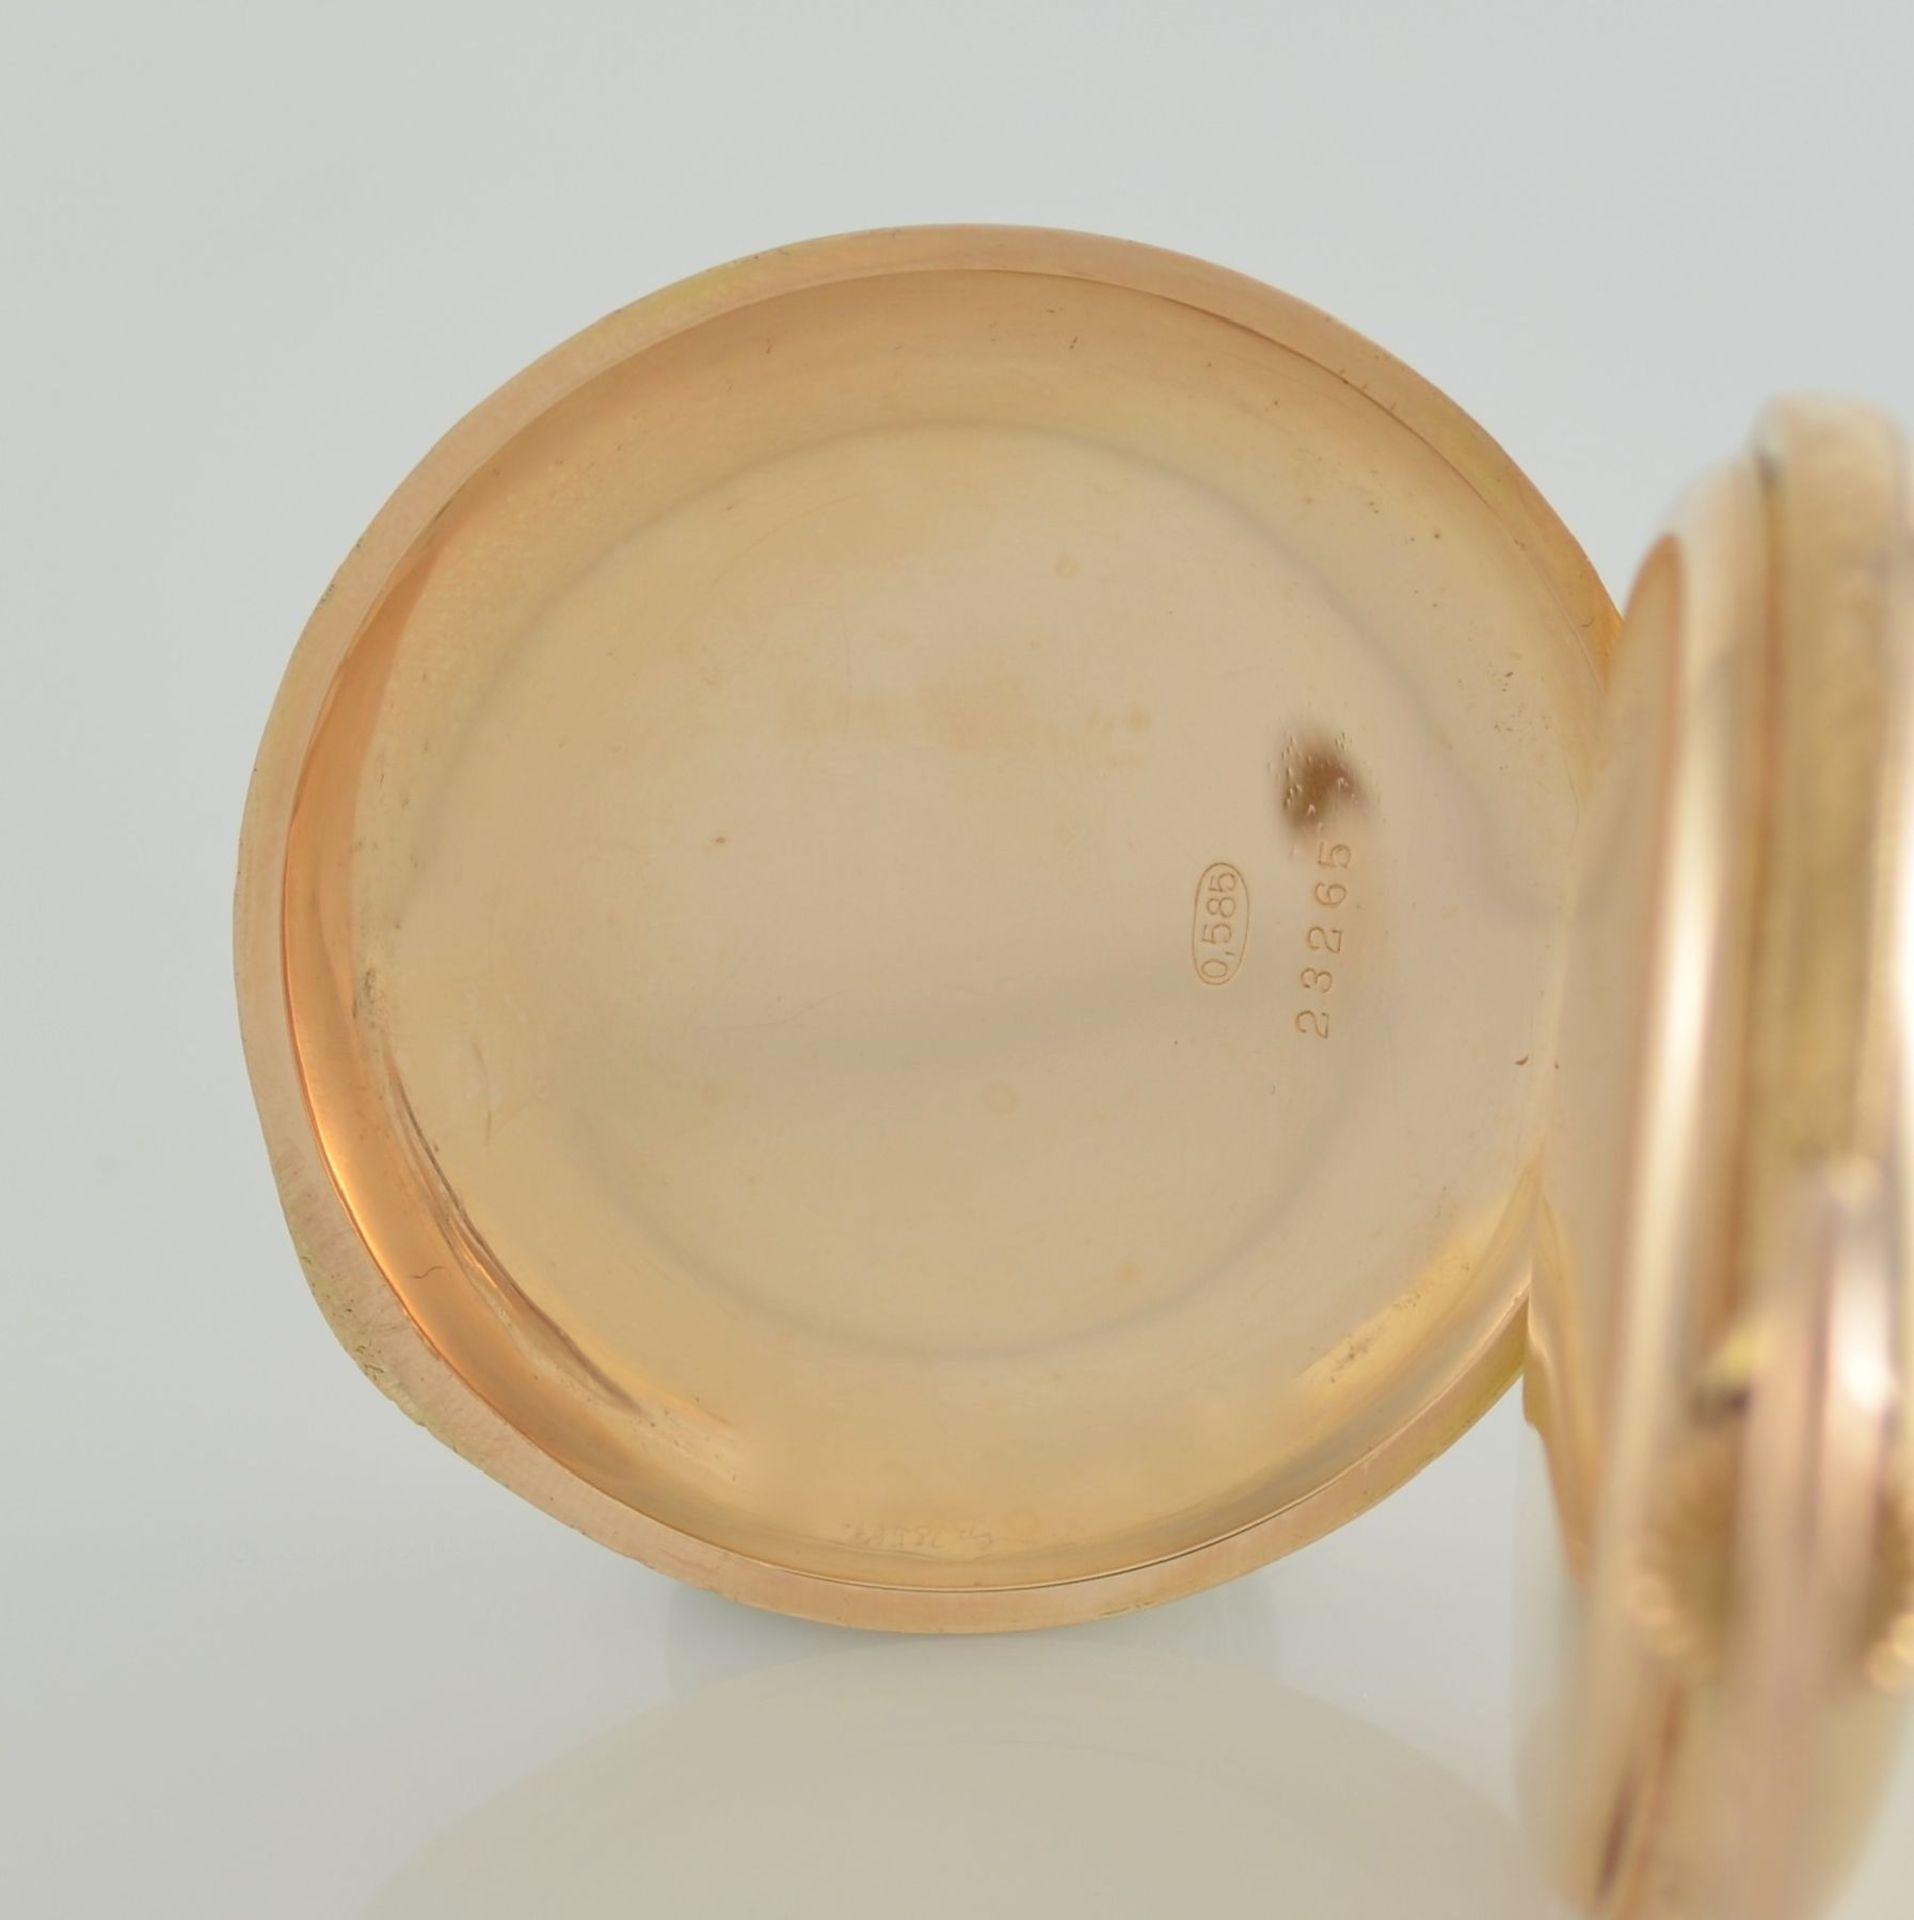 SYSTÉME GLASHÜTTE Herrensavonette in RG 585/000, Schweiz/Deutschland um 1900, glattes 3-Deckel - Bild 6 aus 8